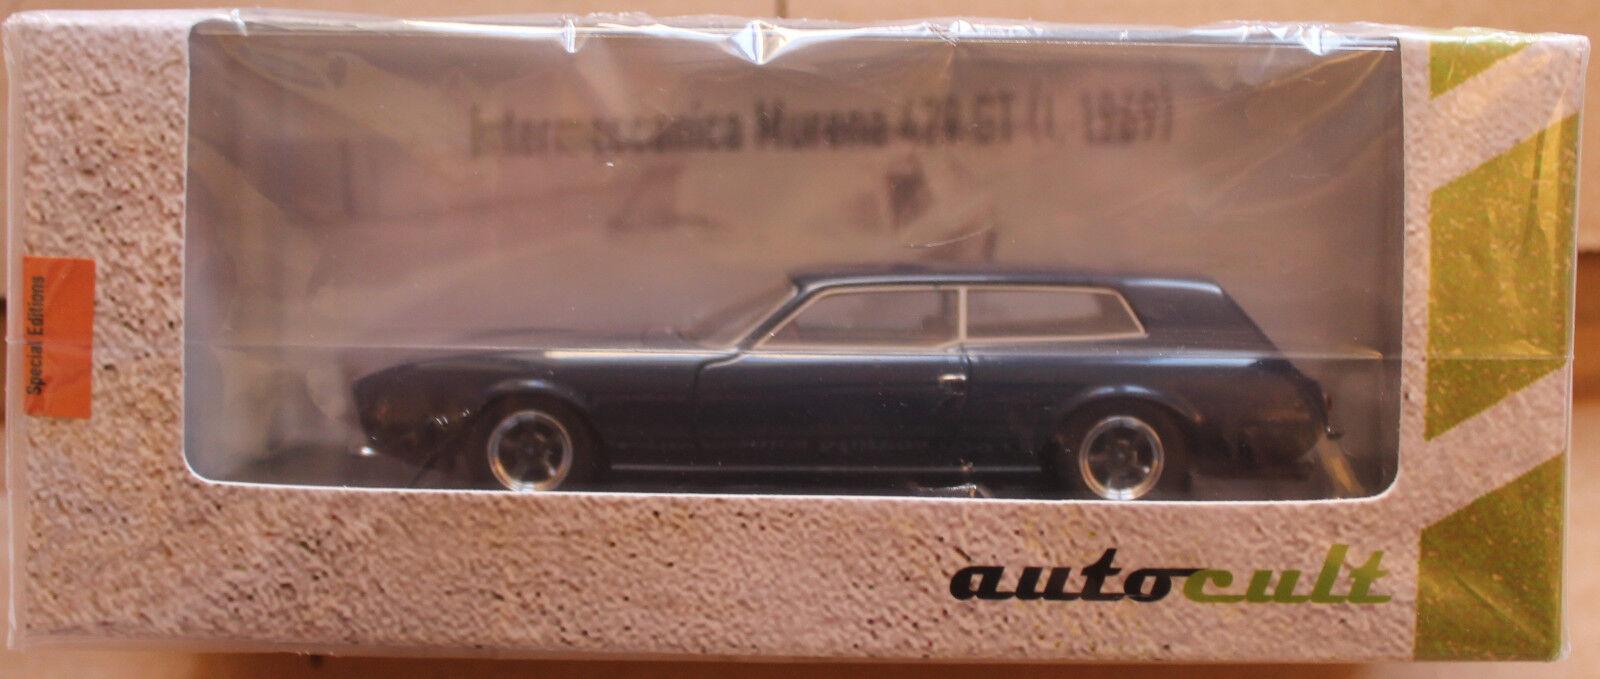 Autocult 1 43  05006 intermeccanica murena 429gt von 1969